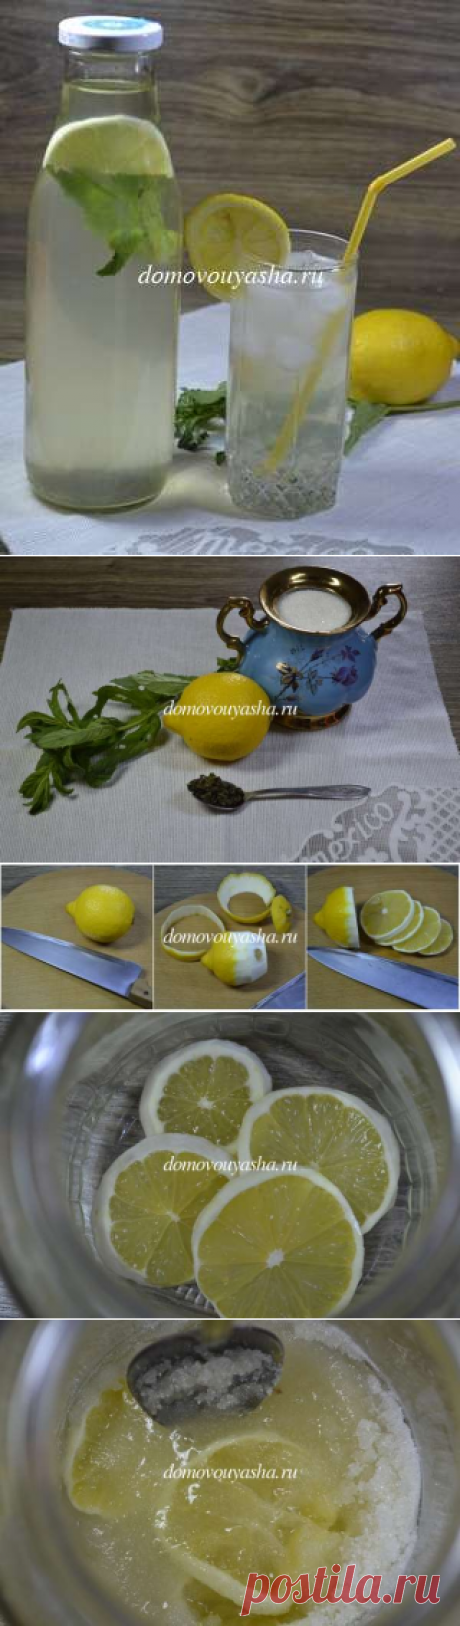 Рецепт домашнего лимонада из лимона и мяты. Пошаговый рецепт с фото  | Народные знания от Кравченко Анатолия